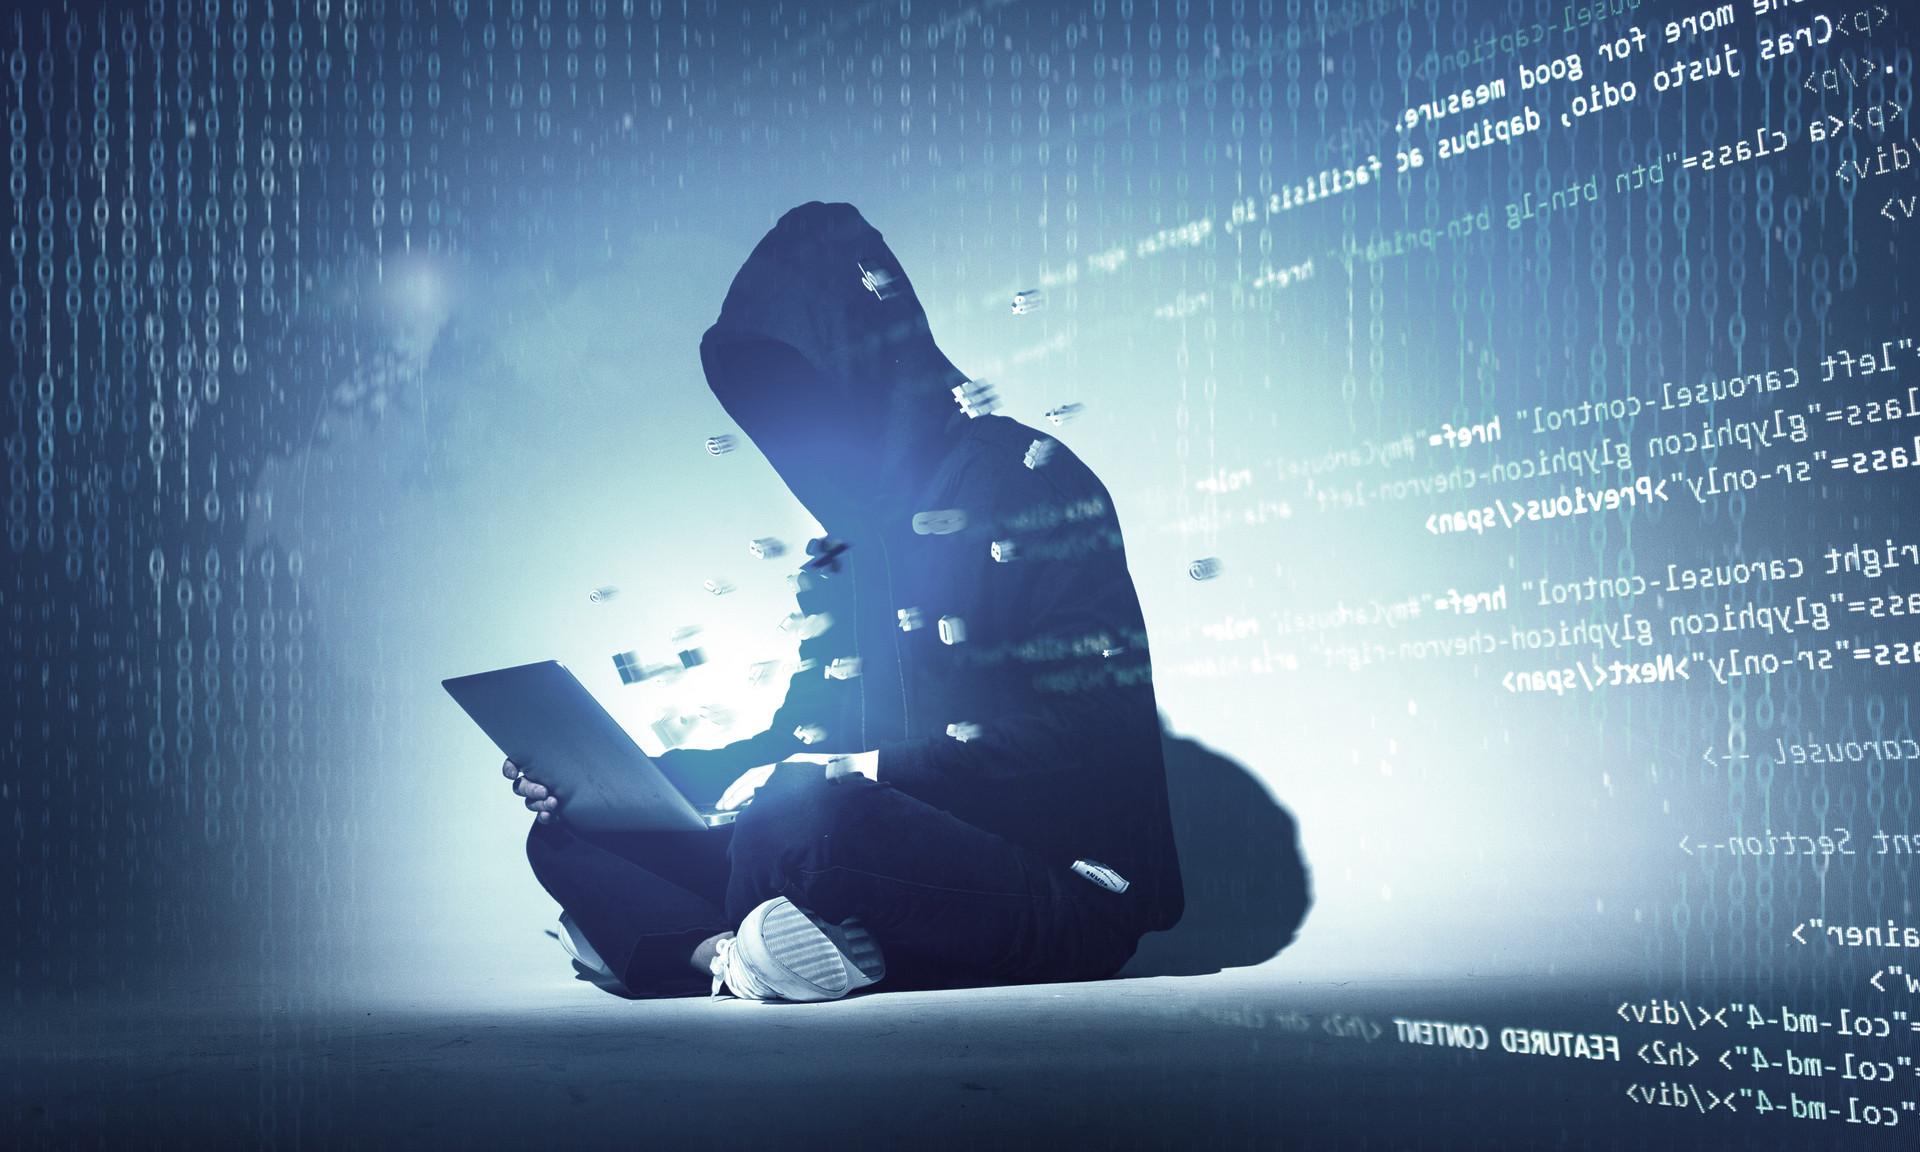 扒一扒DDoS攻击起色史